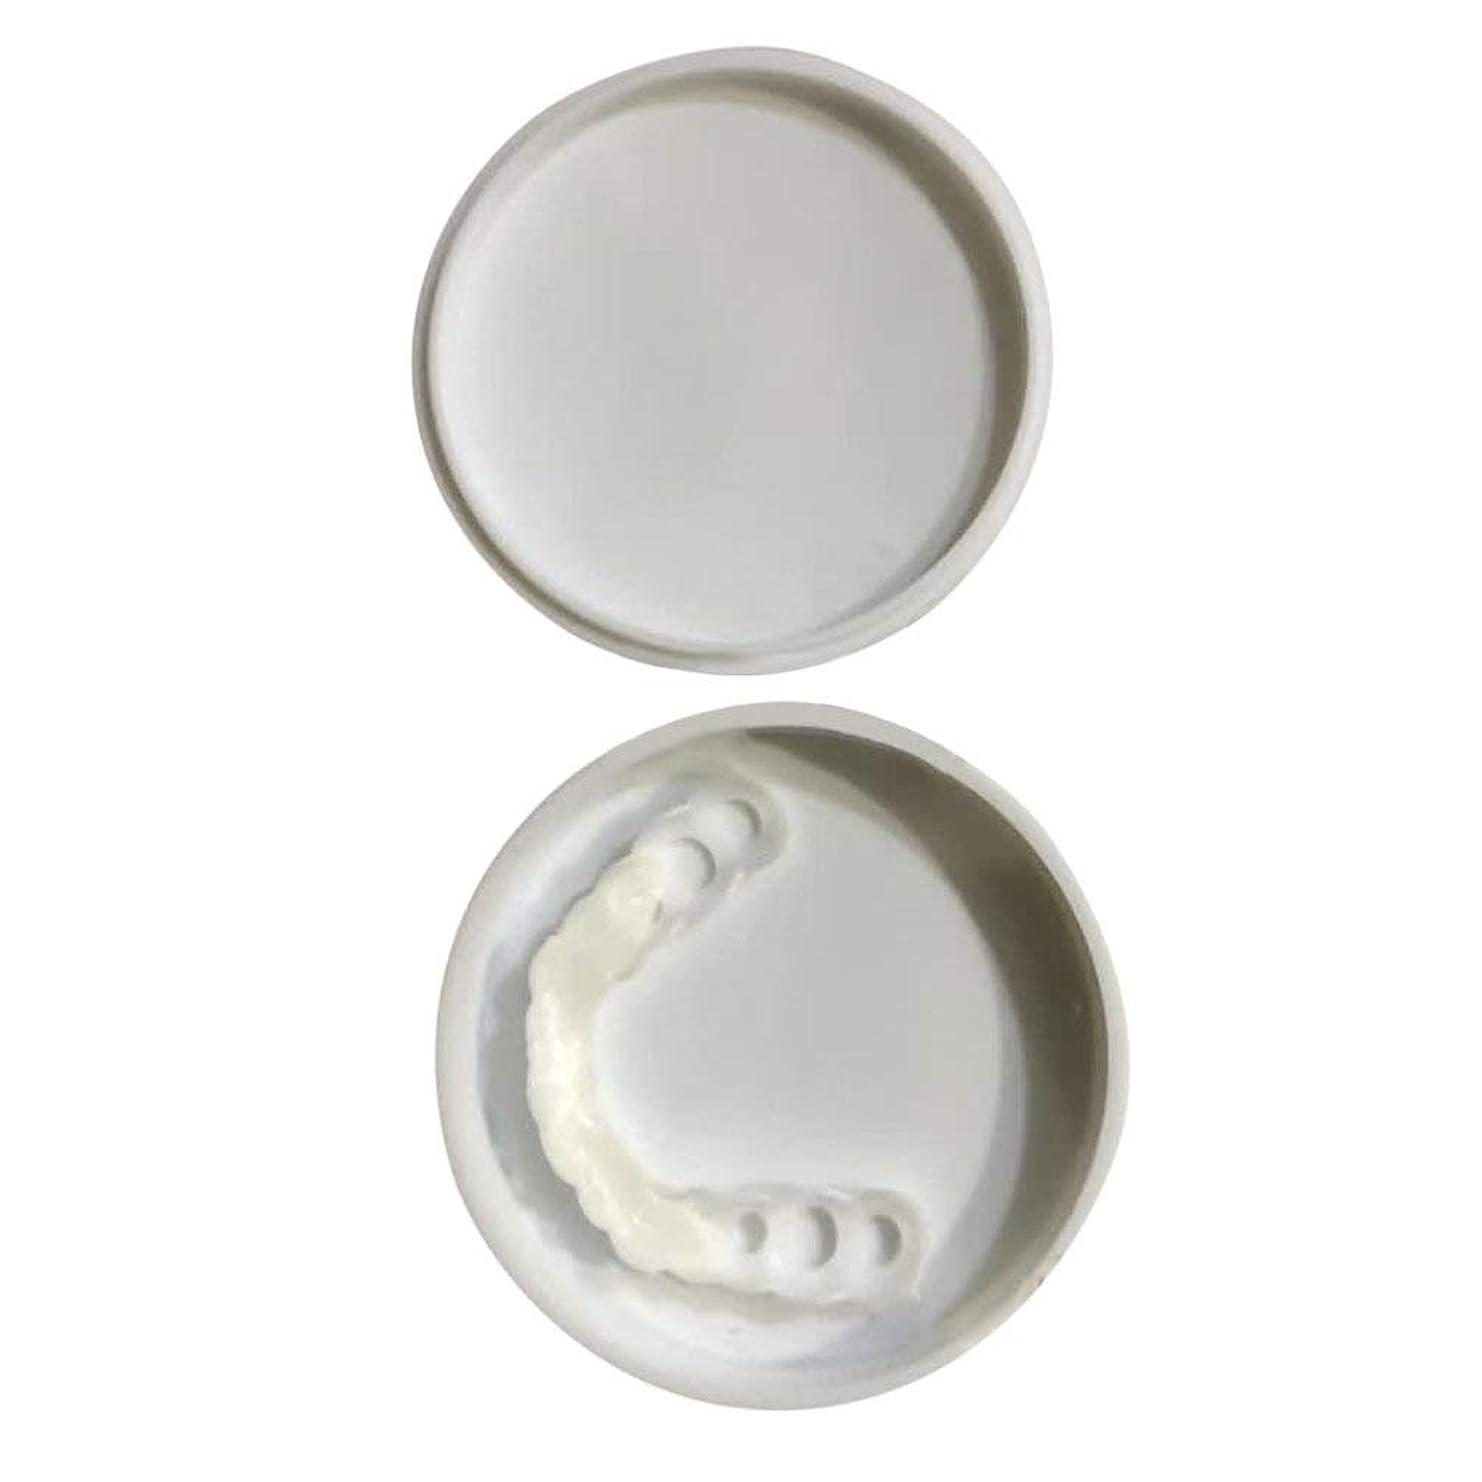 物語いらいらさせるモーター快適なスナップオン男性女性歯インスタントパーフェクトスマイルコンフォートフィットフレックス歯フィットホワイトニング笑顔偽歯カバー - ホワイト